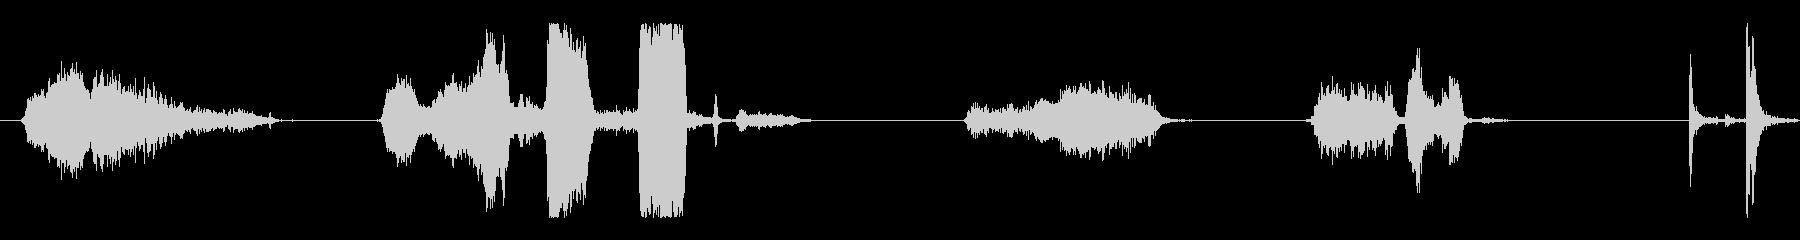 ハードドラッグ金属スクラップの未再生の波形